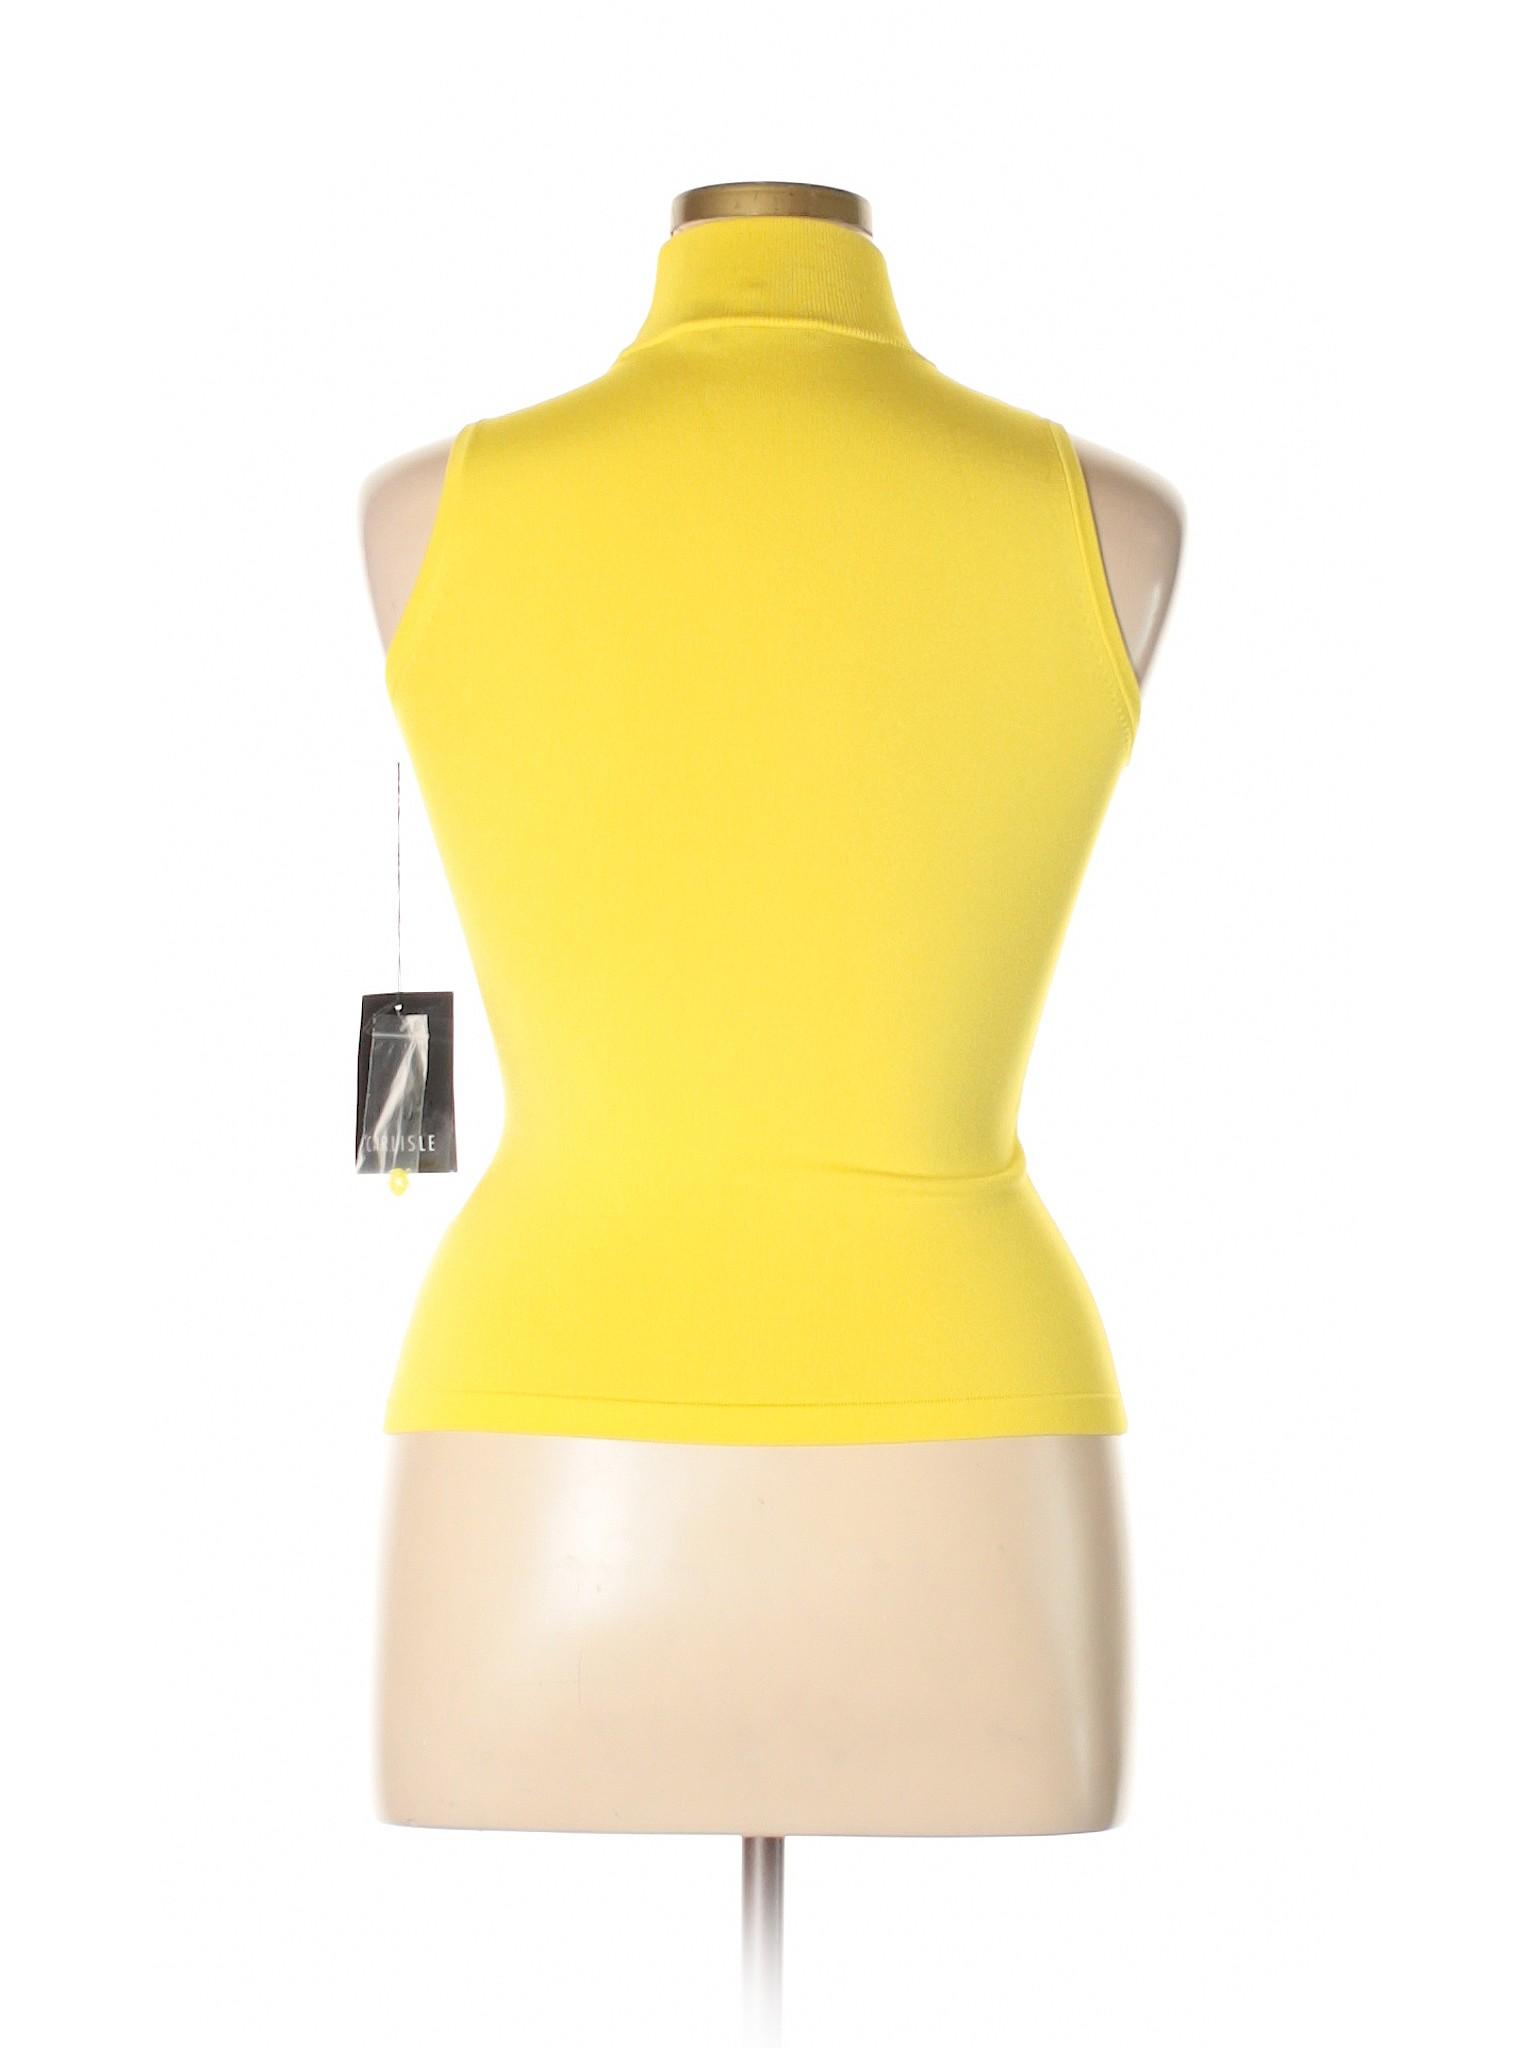 Turtleneck Boutique Carlisle Sweater Boutique Carlisle qx1t408w